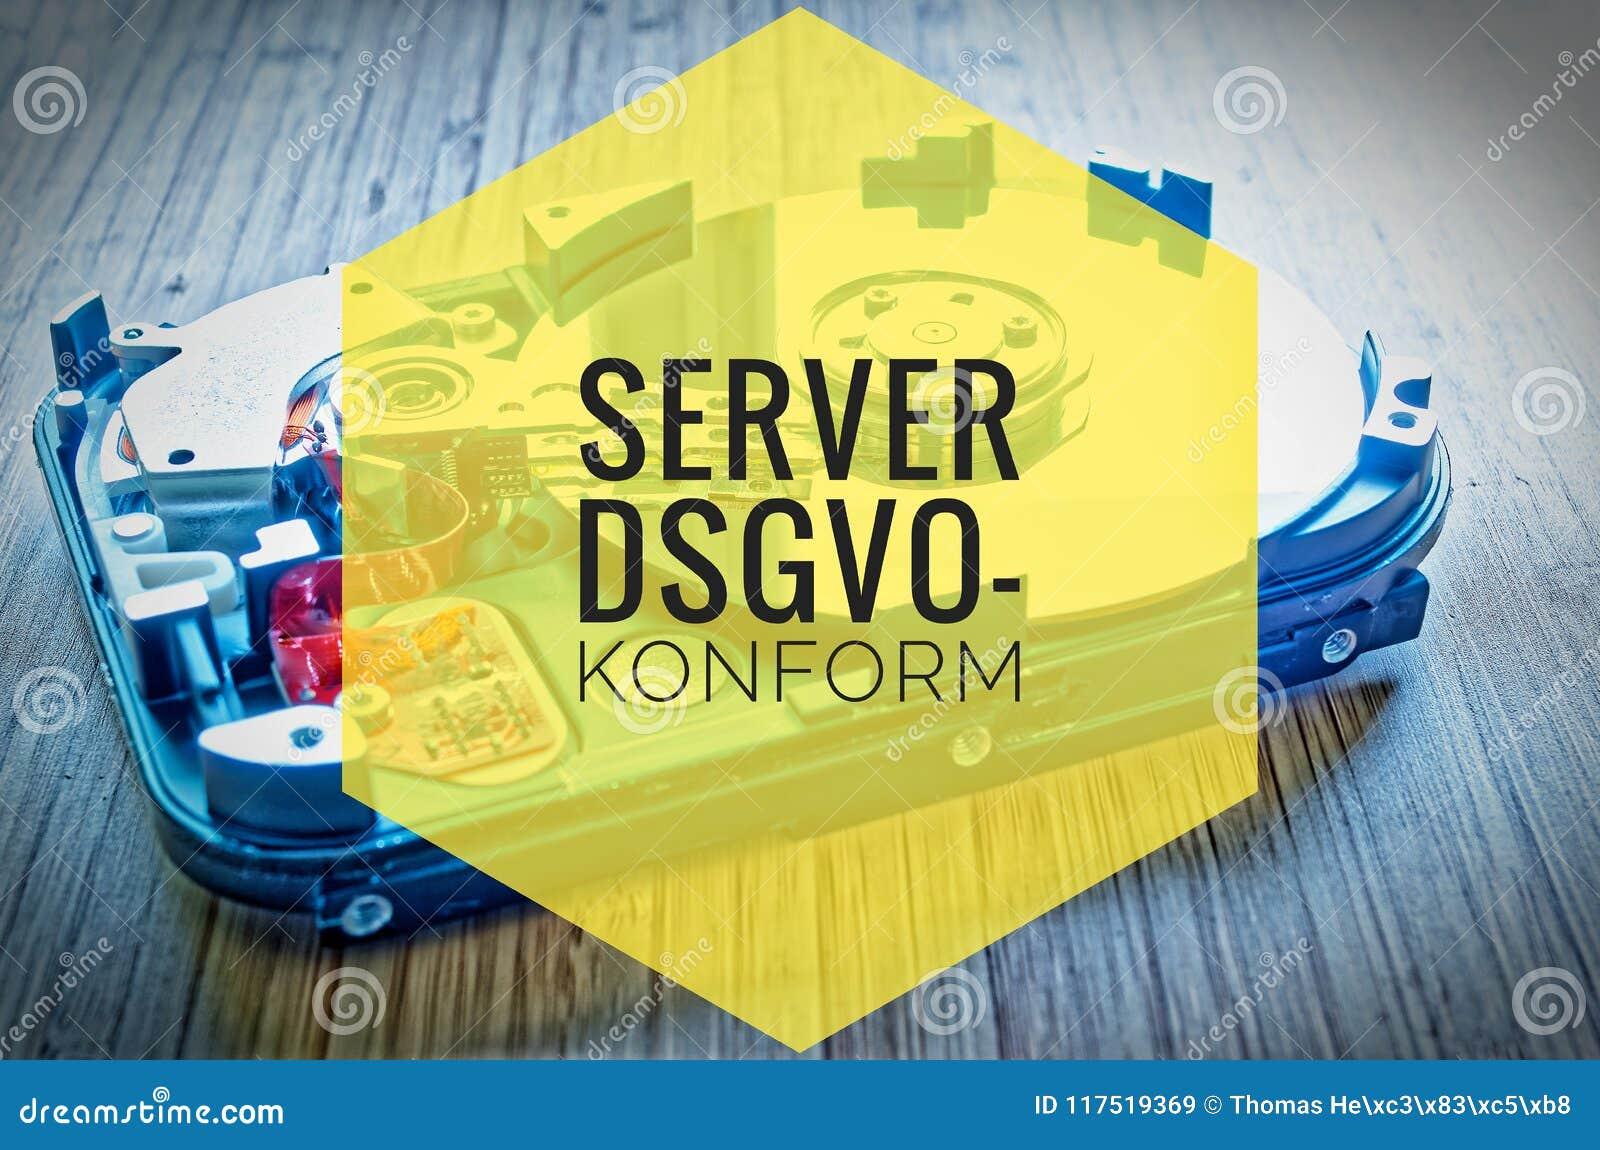 Unité de disque dur 3 5 pouces comme stockage de données avec la carte mère sur une table en bambou et dans le dsgvo-konform alle